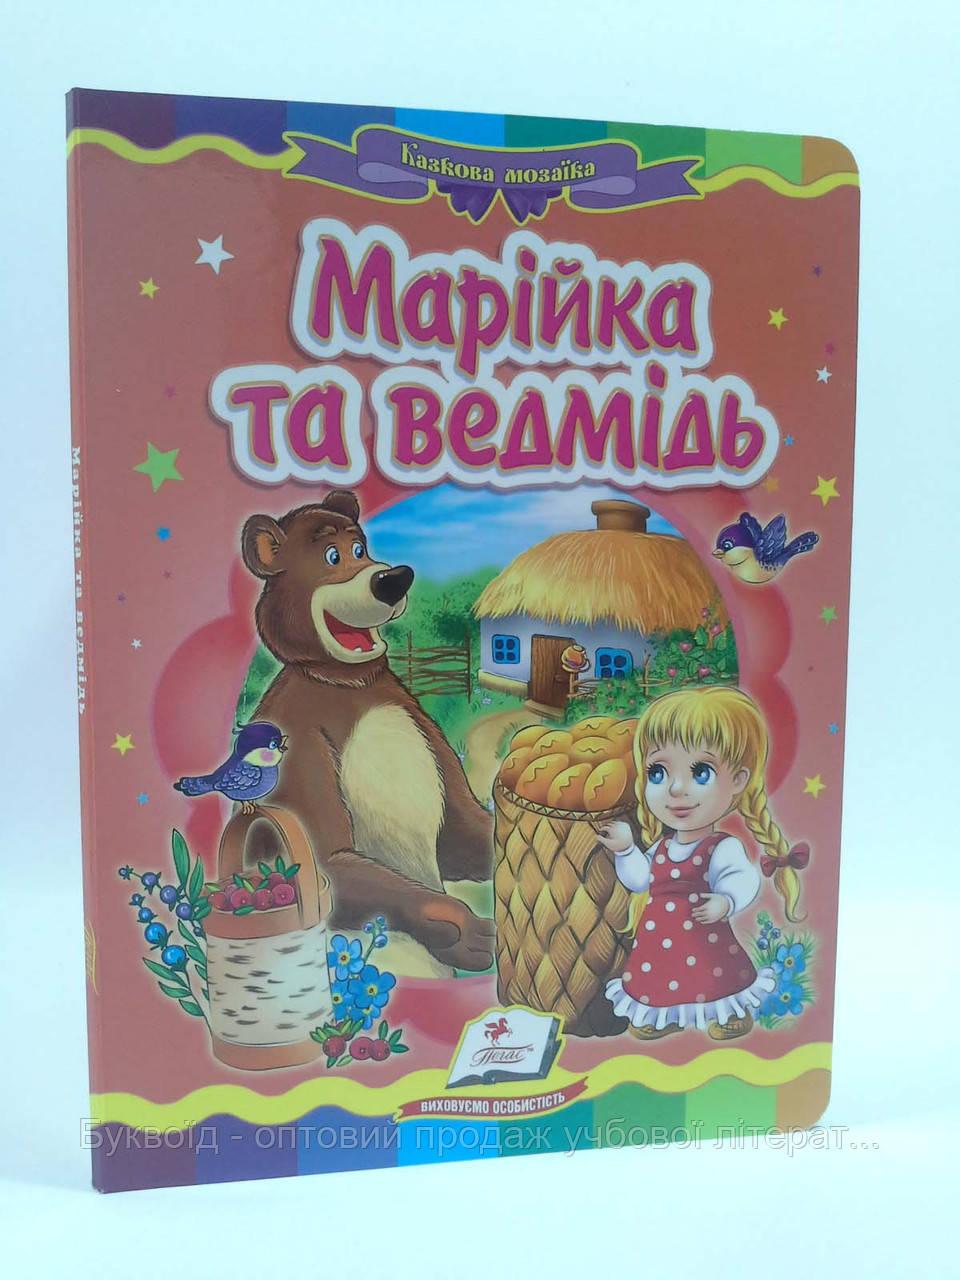 Картон Пегас Казкова мозаїка Марійка та ведмідь